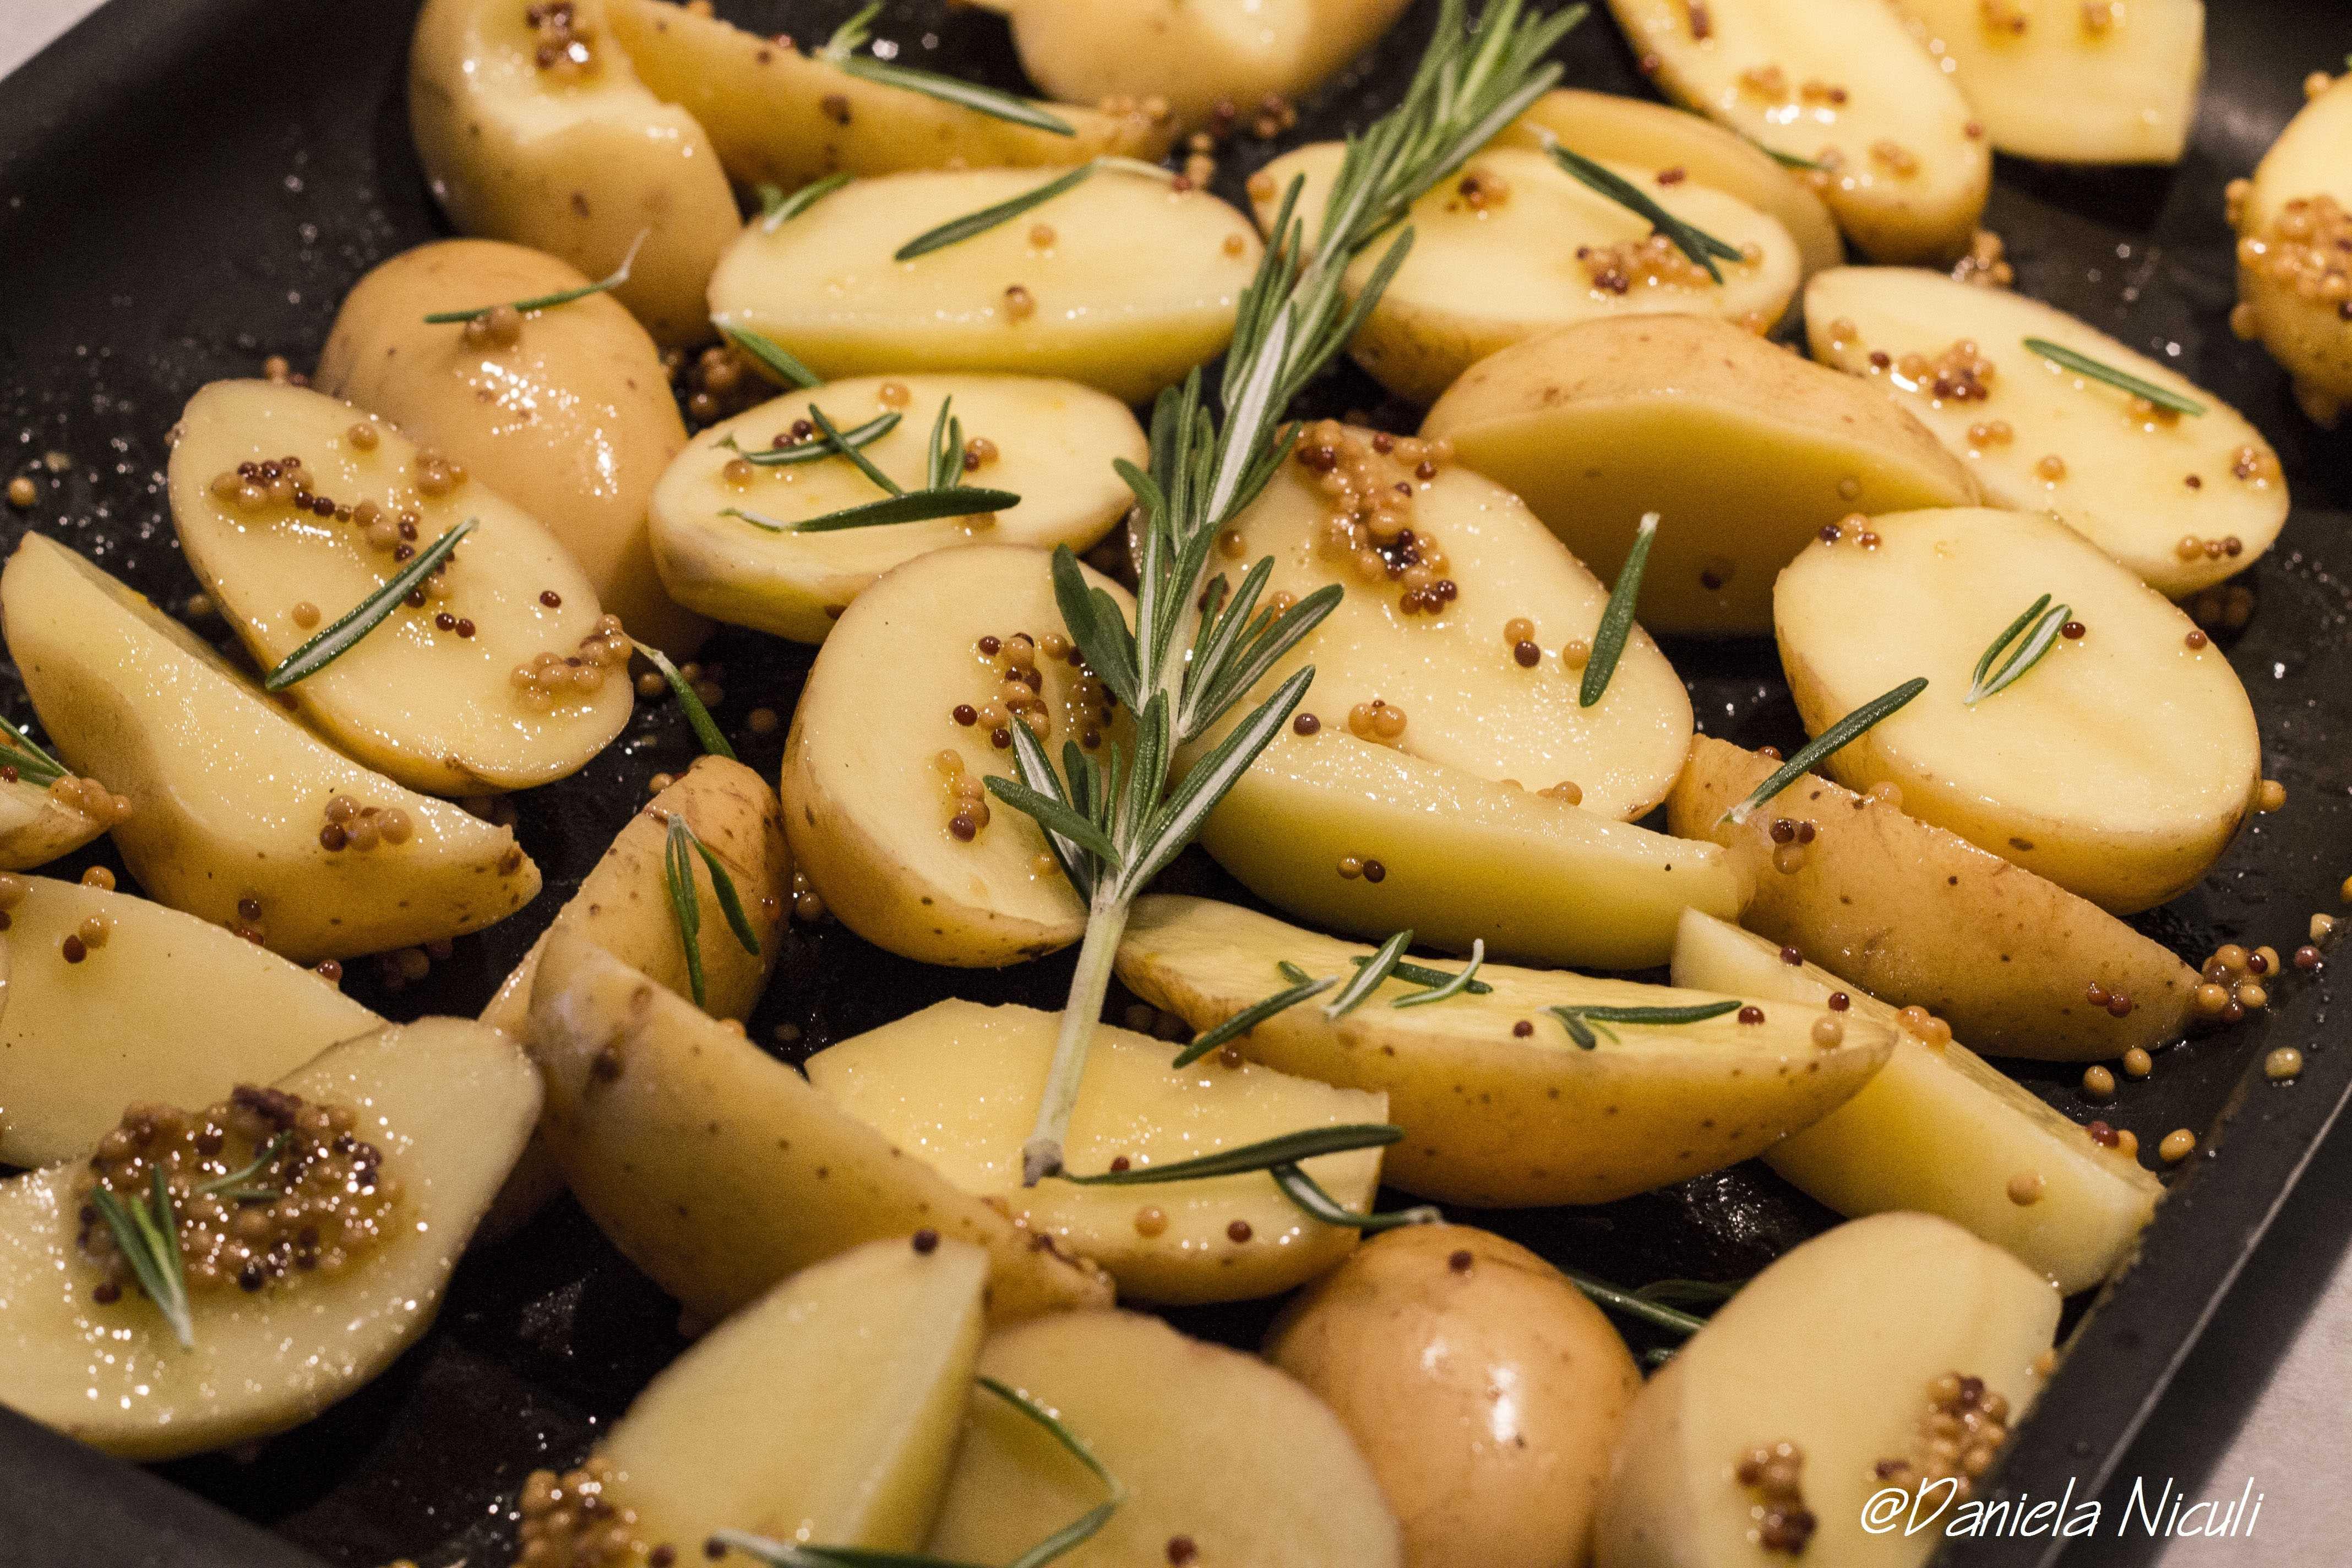 Cartofi cu rozmarin